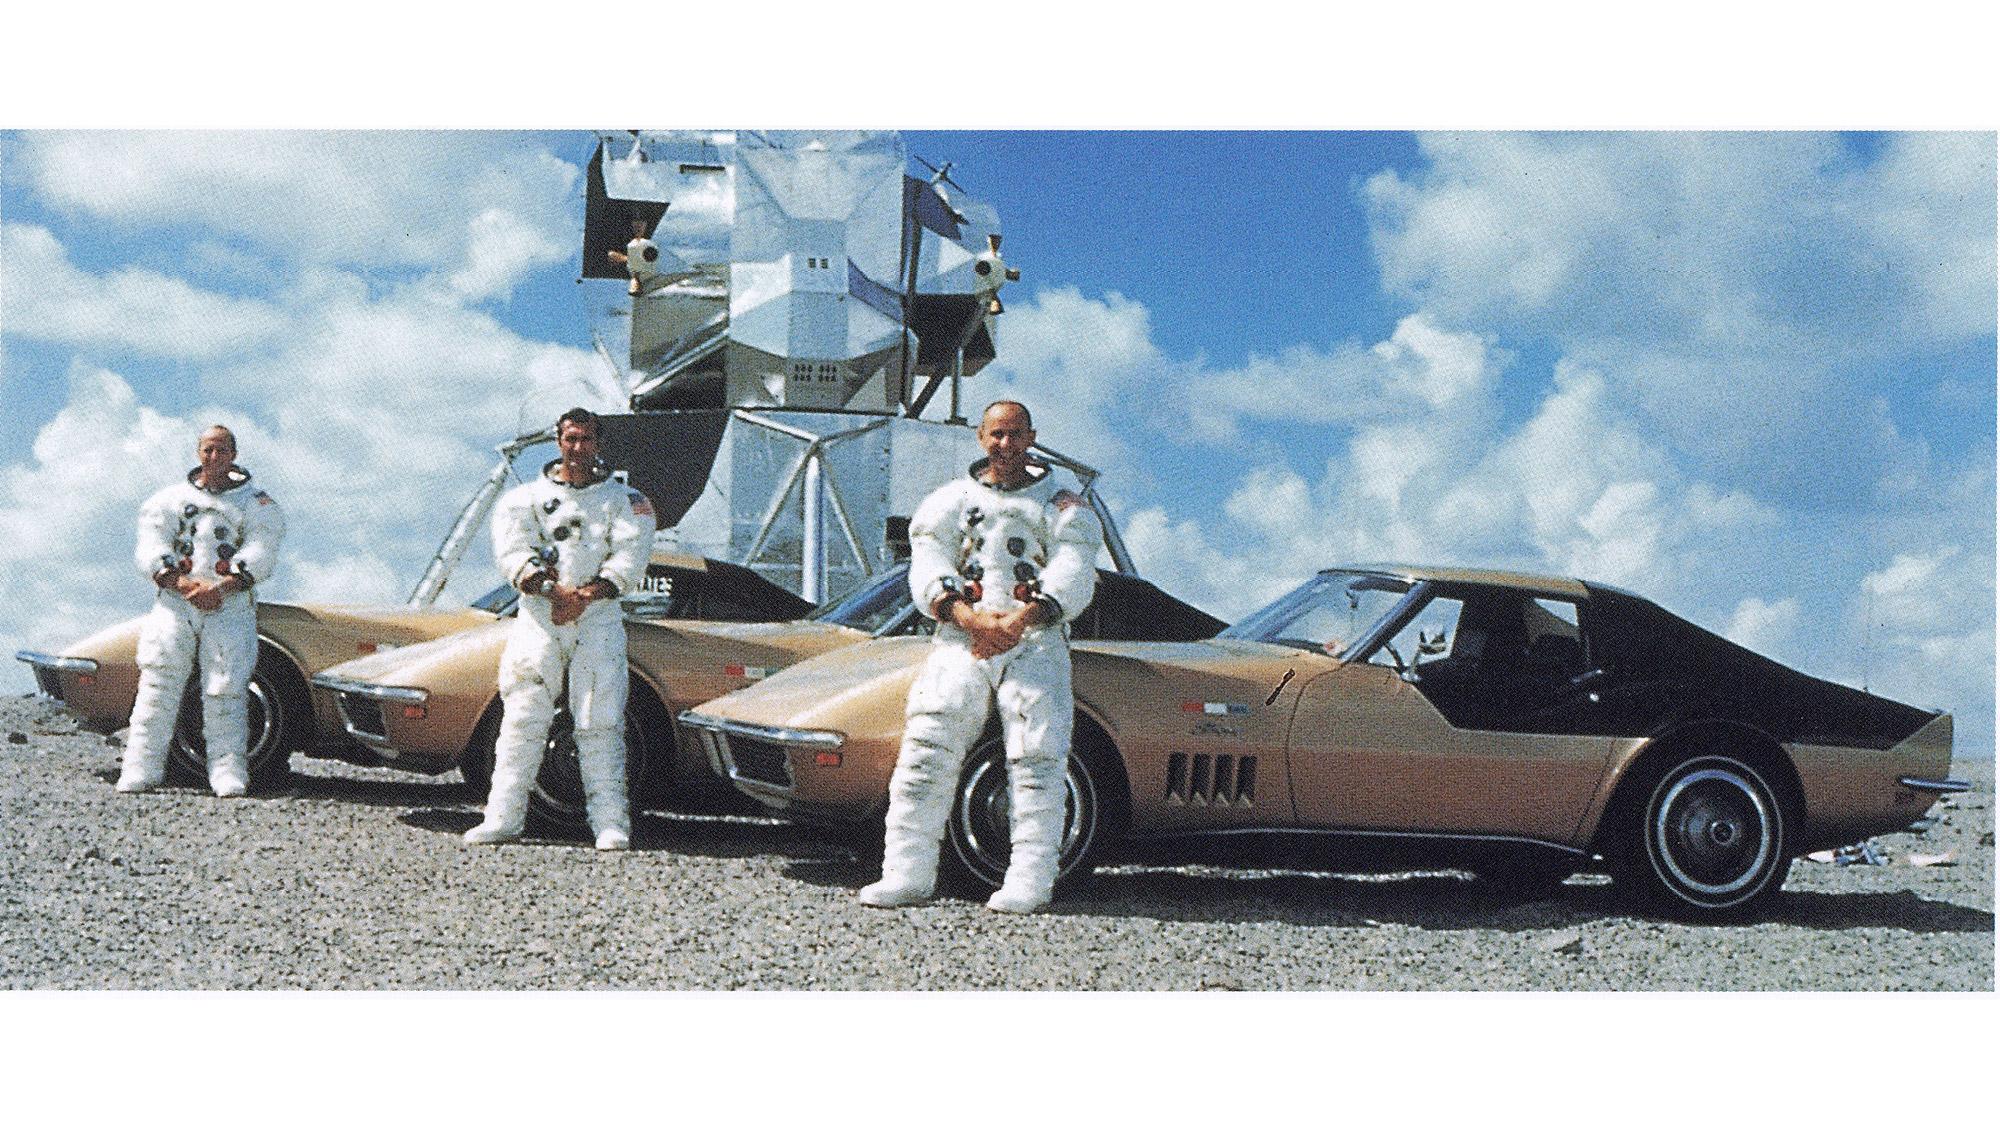 apollo astronauts and fast